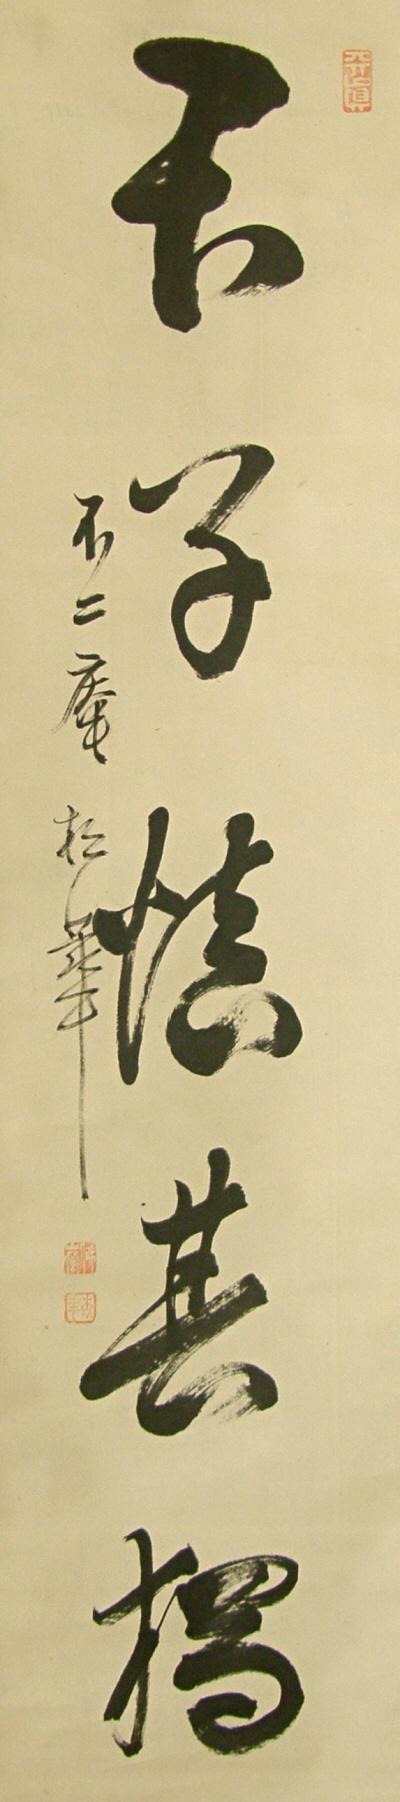 Sp 70215 Kanji Calligraphy Kakemono Art For Japanese